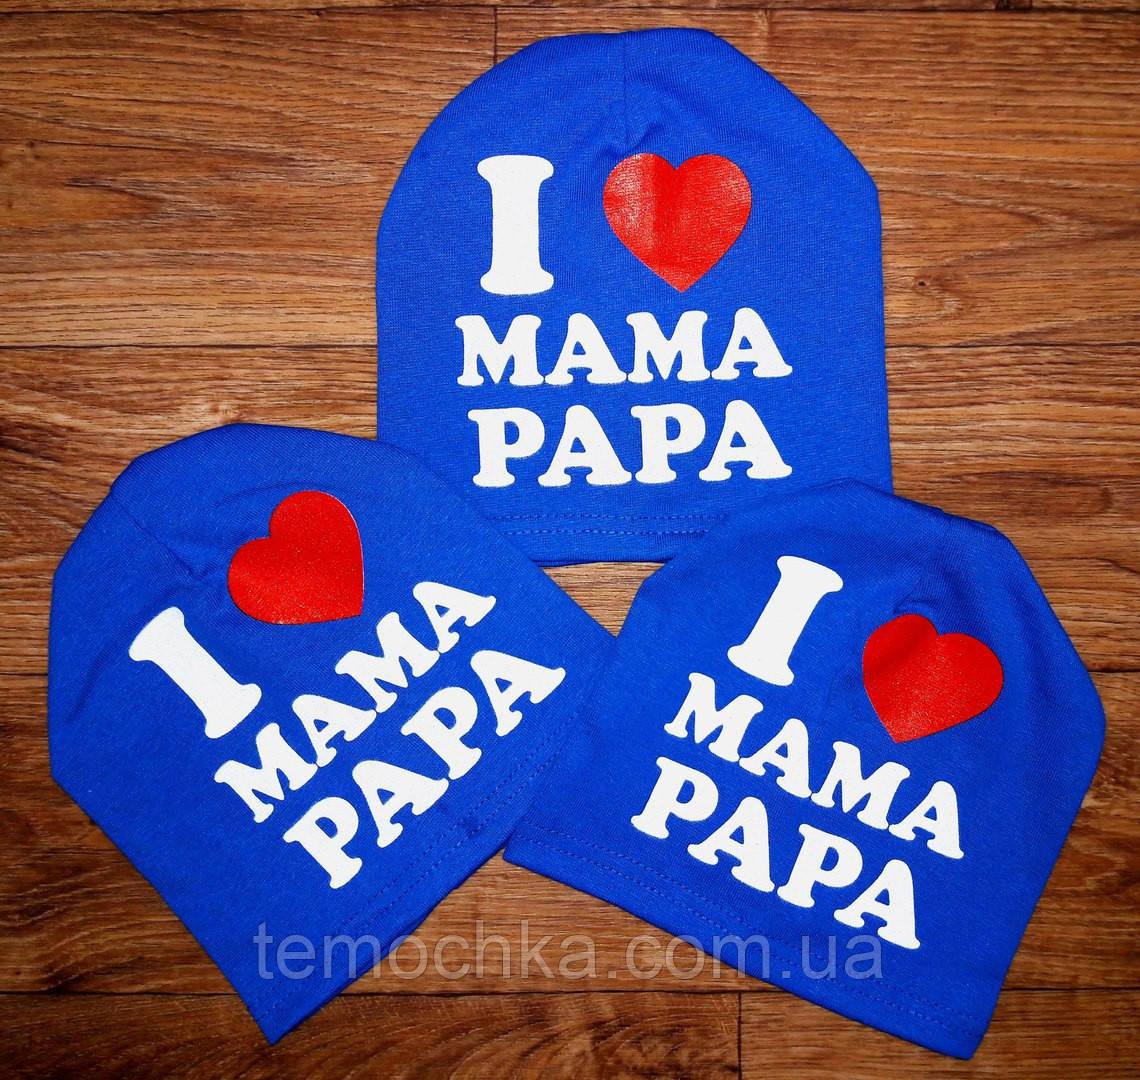 Шапка шапочка детская синяя для мальчика или девочки I Love Mama Papa